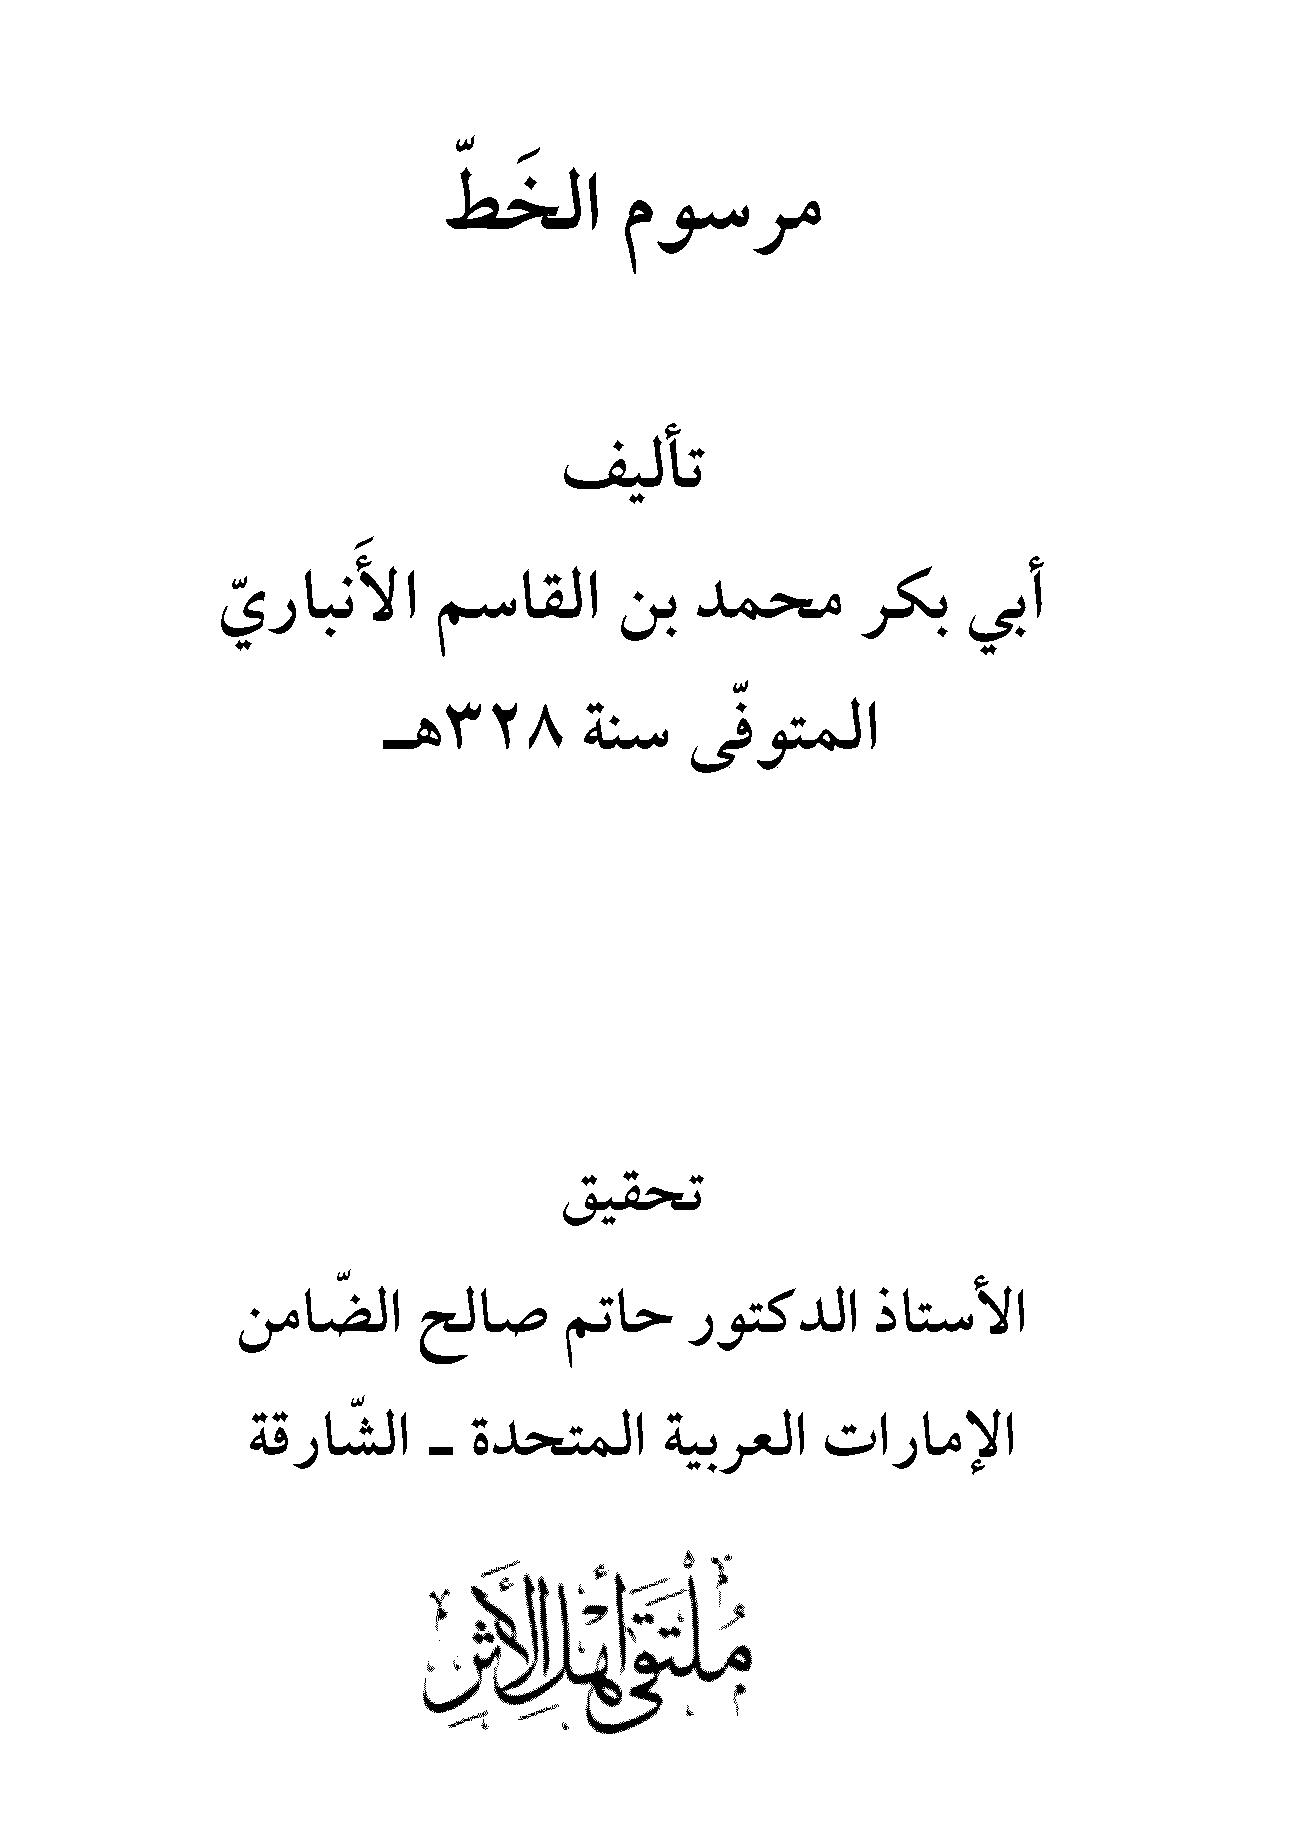 تحميل كتاب مرسوم الخط (ت. الضامن) لـِ: الإمام أبو بكر محمد بن القاسم بن بشار الأنباري (ت 328)